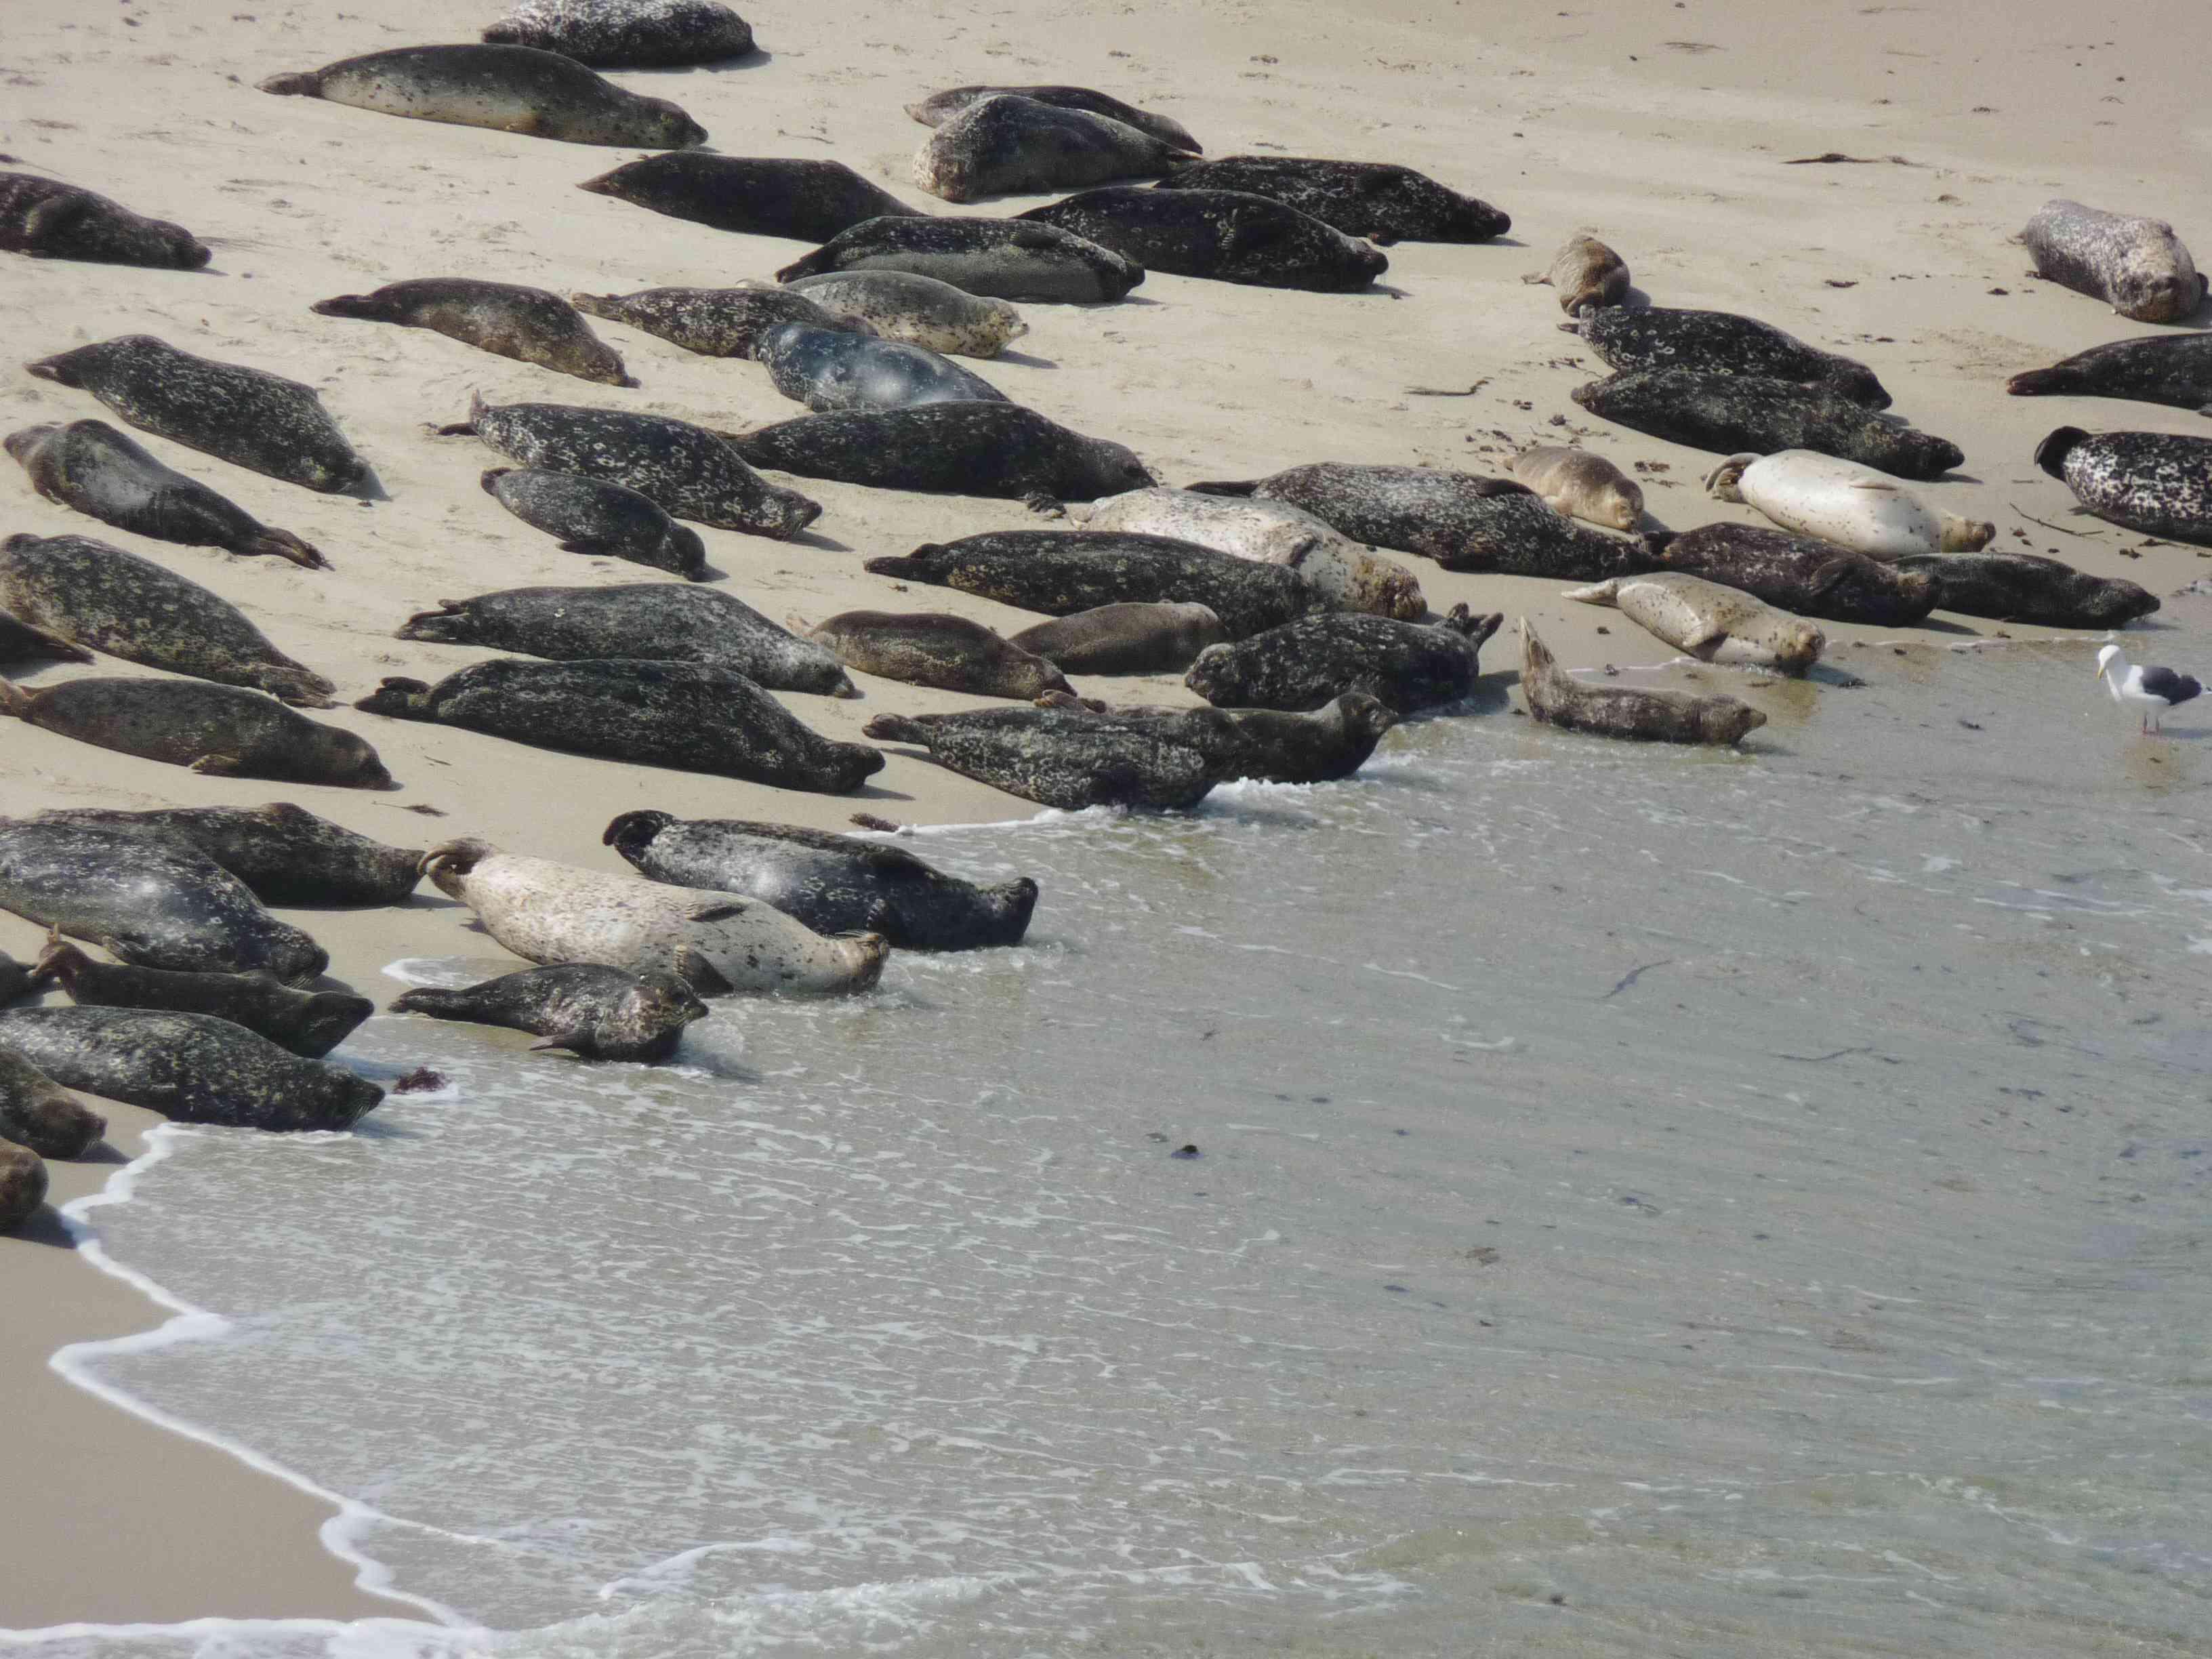 Sea Lions on the beach in La Jolla cove